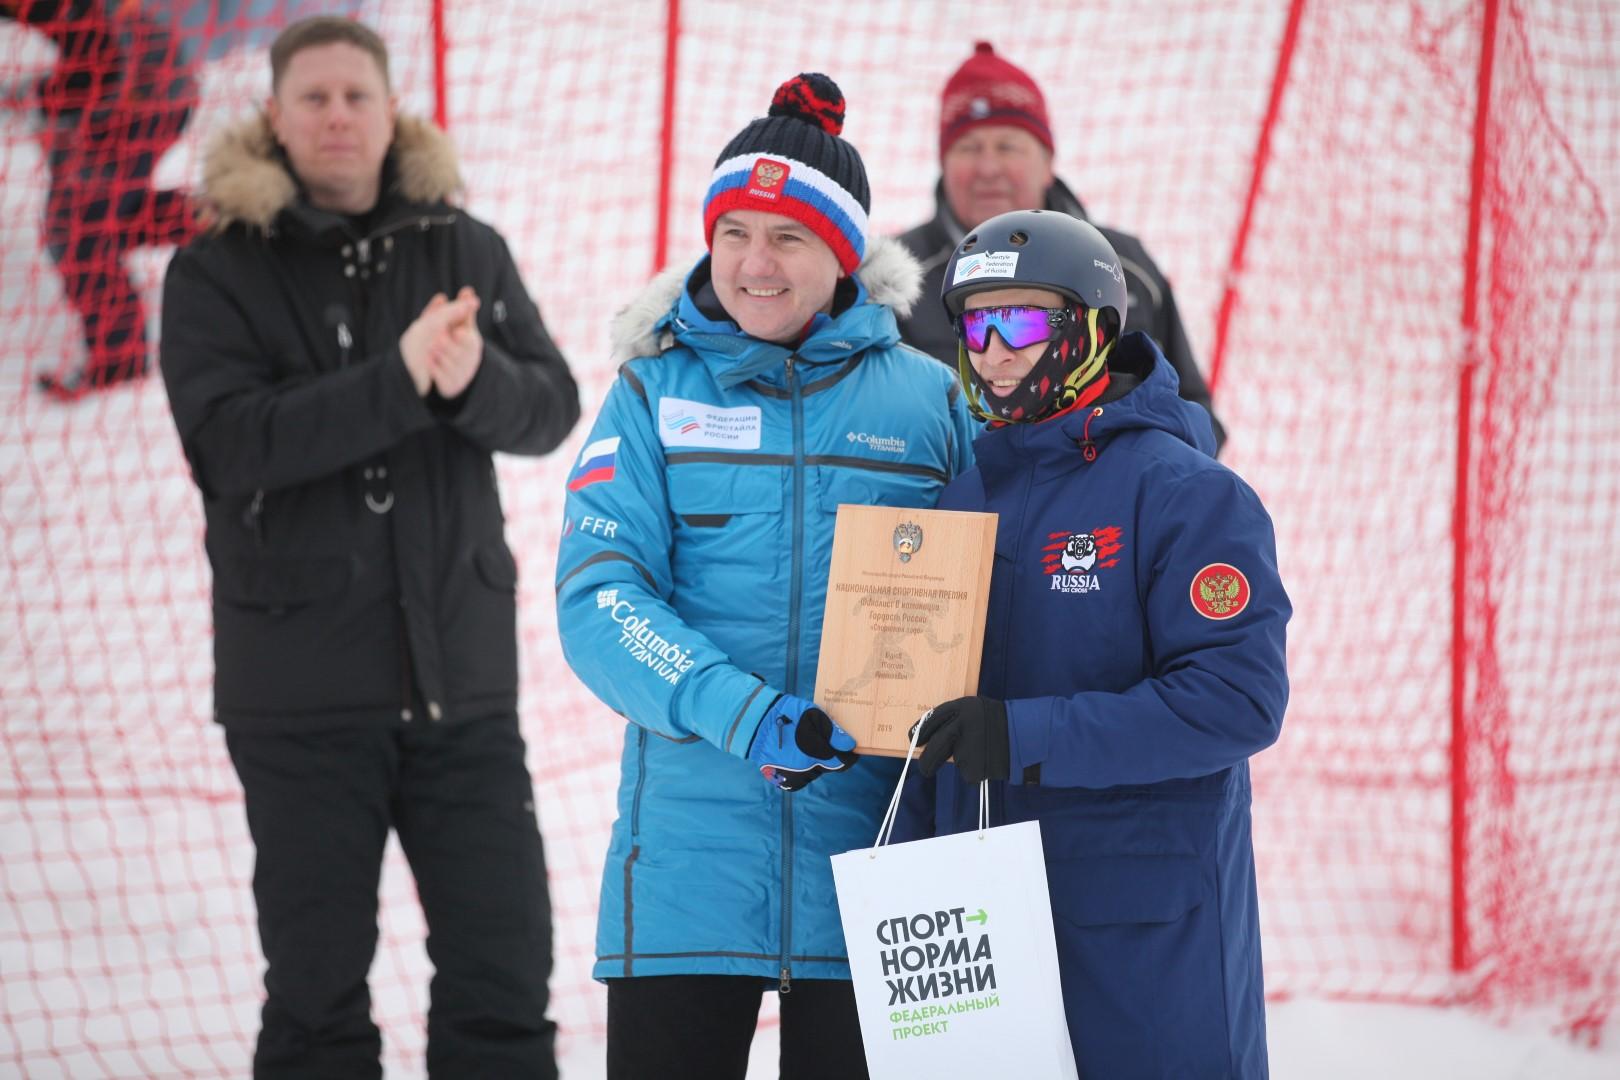 Ярославцы заняли весь пьедестал на этапе Кубка Европы по фристайлу в «Подолино»: фоторепортаж